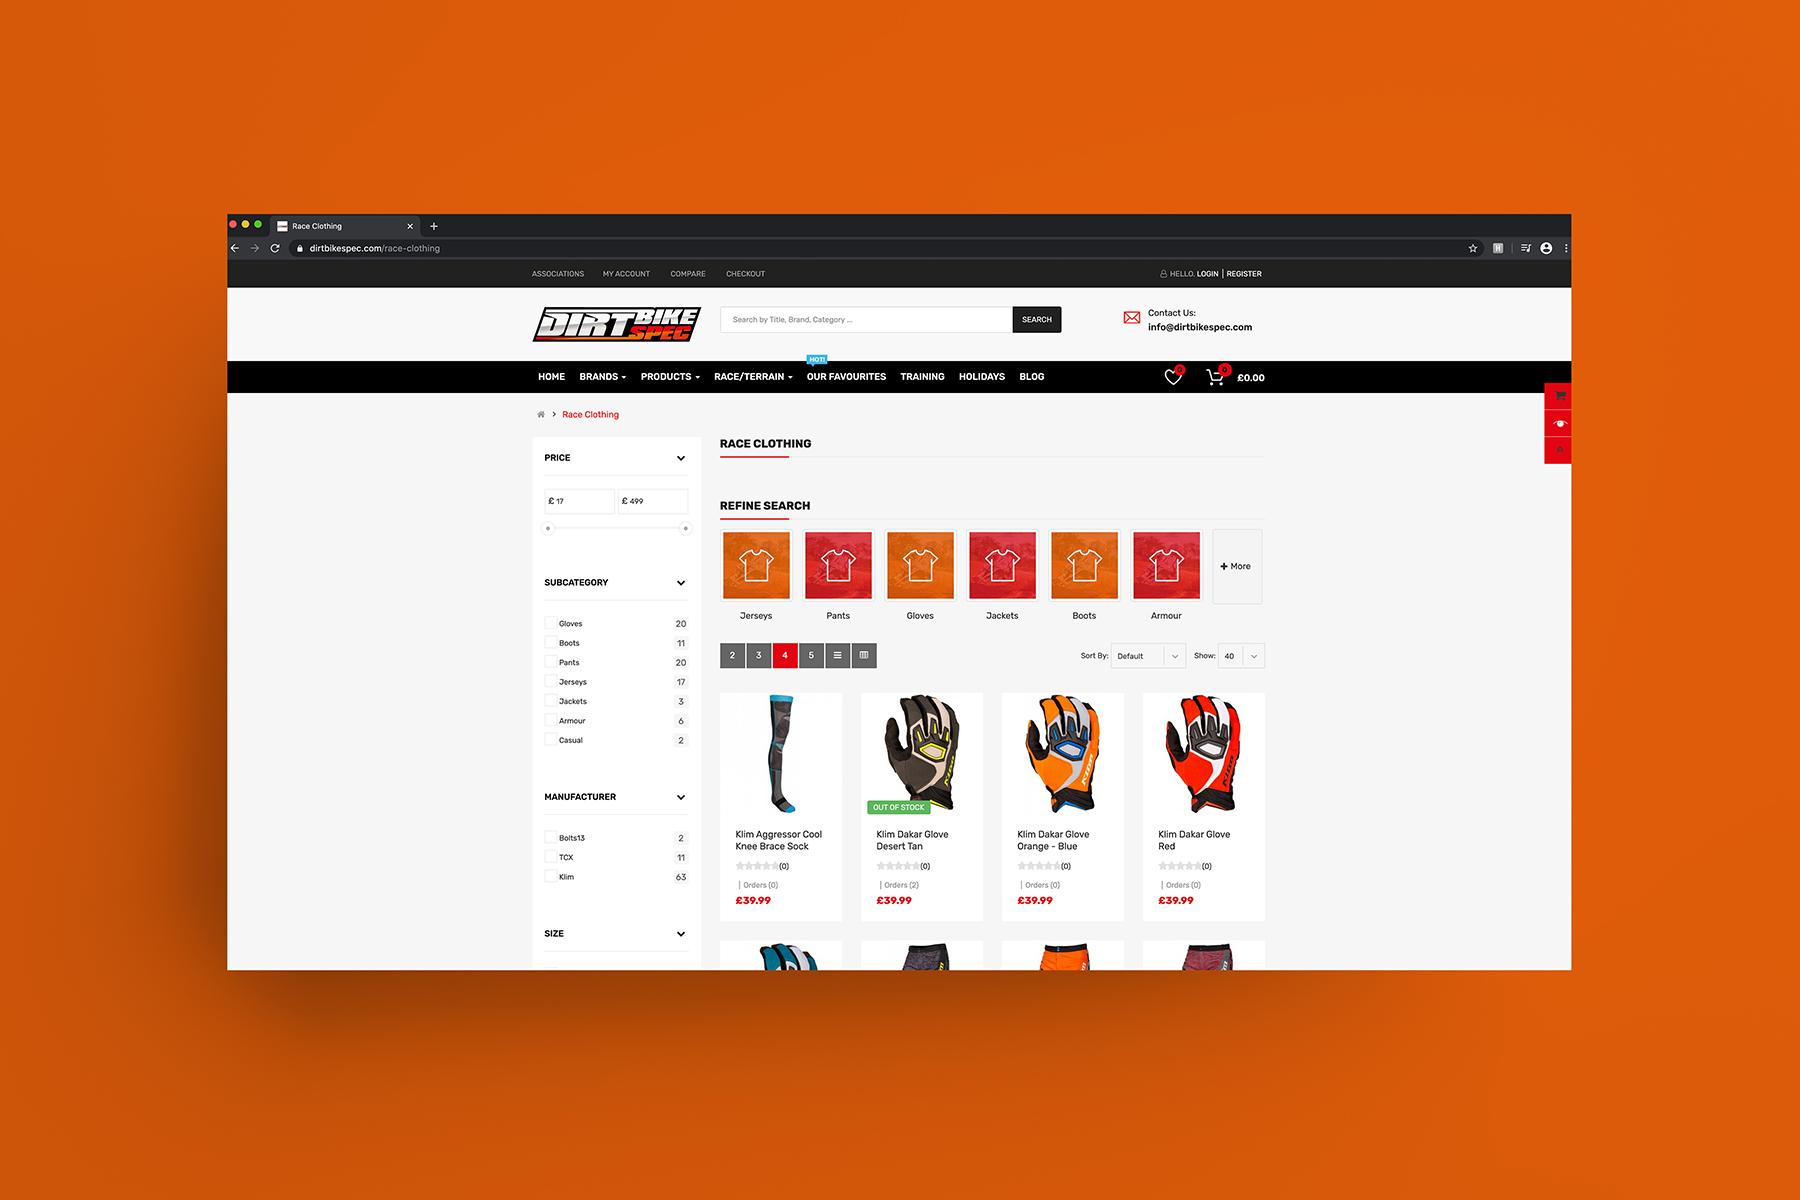 DirtBikeSpec Website Design and Branding